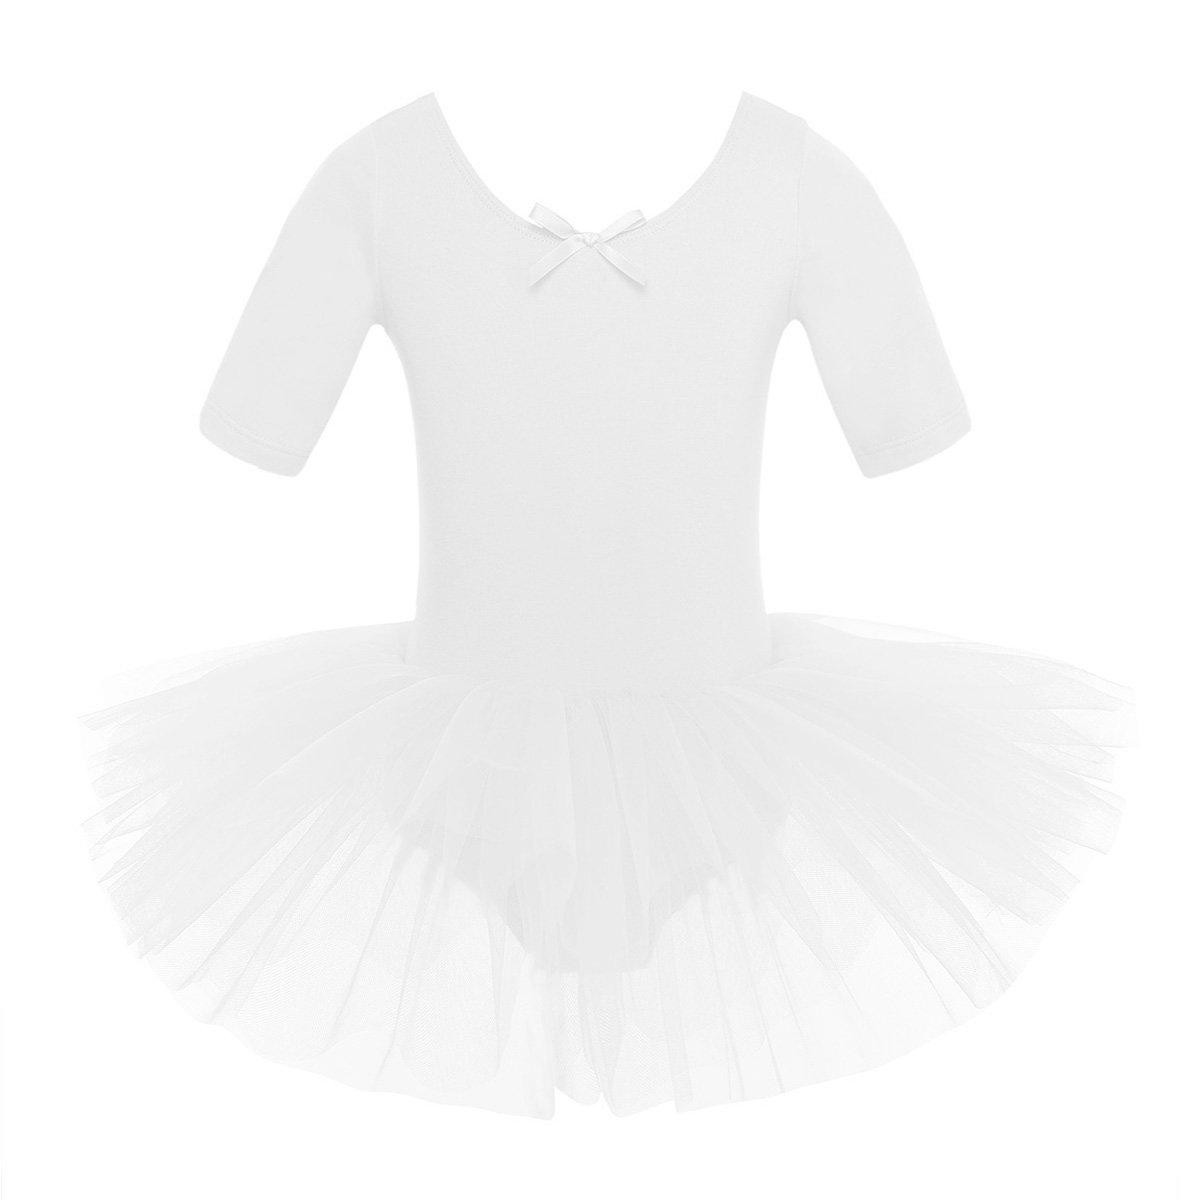 最安 YiZYiF YiZYiF DRESS ホワイト ガールズ B0799G8FN8 2-3|ホワイト B0799G8FN8 ホワイト 43499, 良心オンラインショップ:a621d29b --- a0267596.xsph.ru